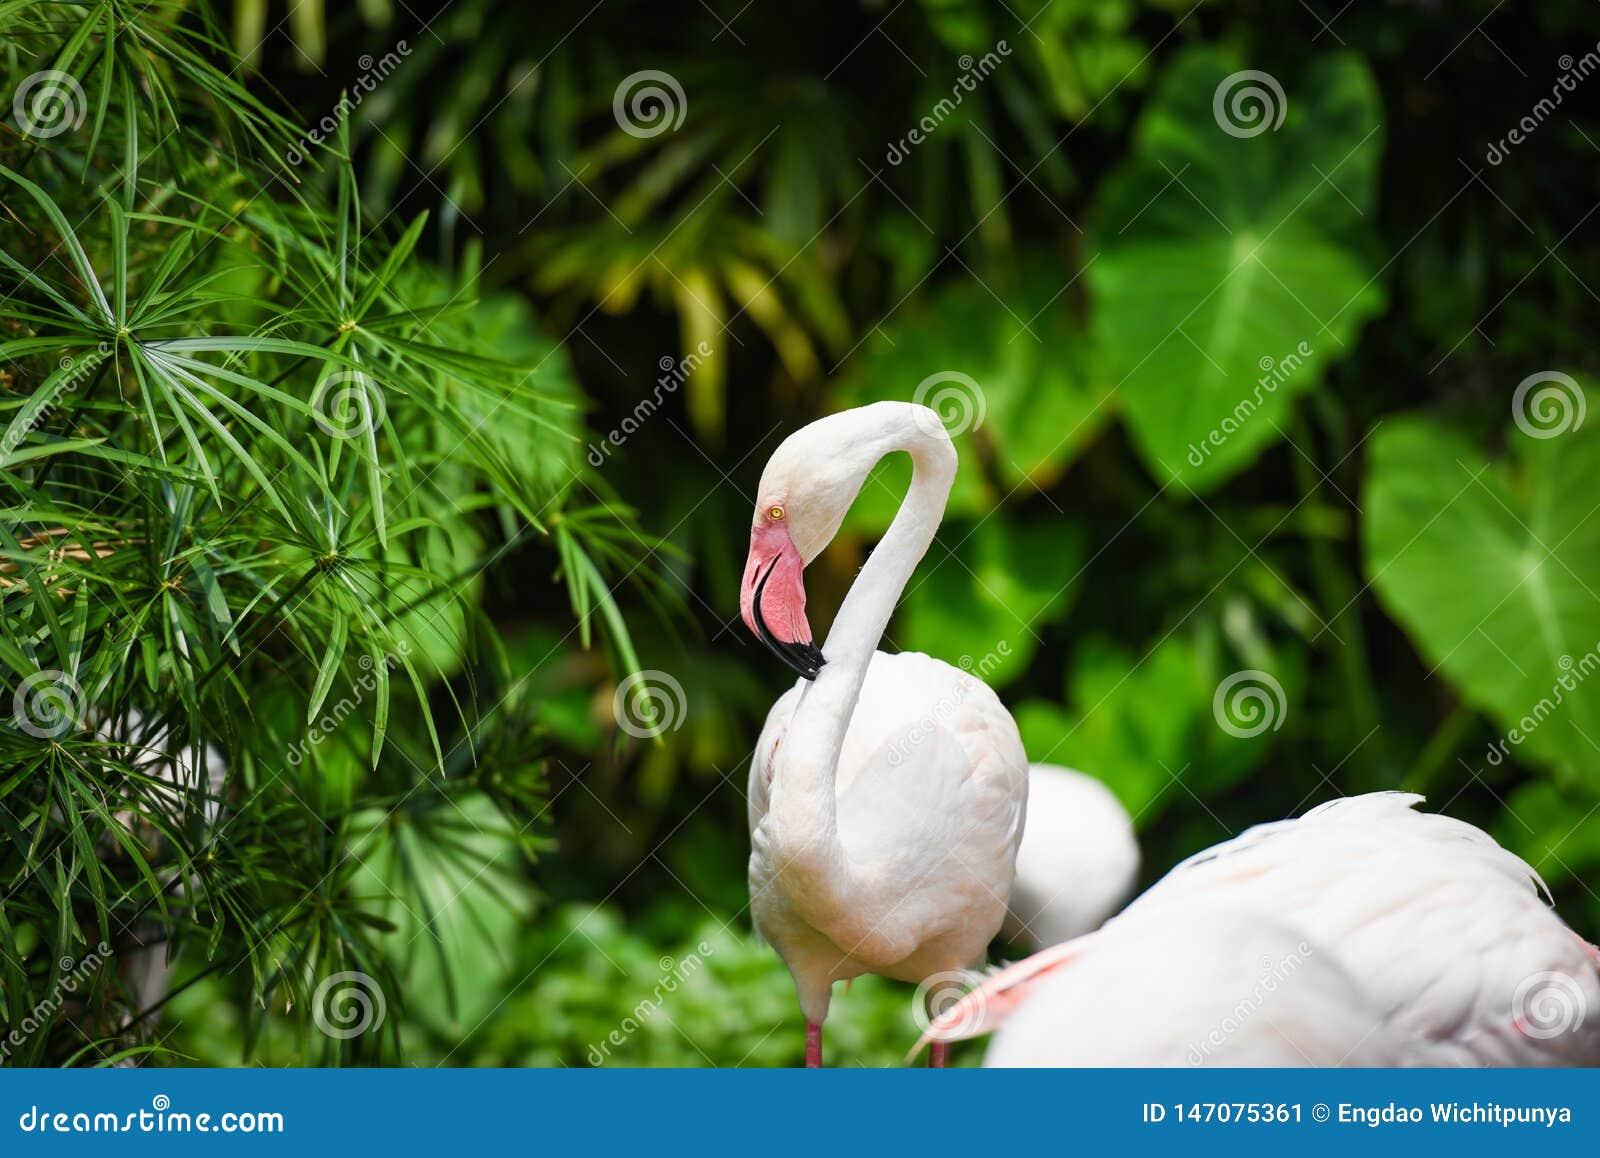 Uccello bello agli animali tropicali della natura del fiume del lago - fenicottero del fenicottero